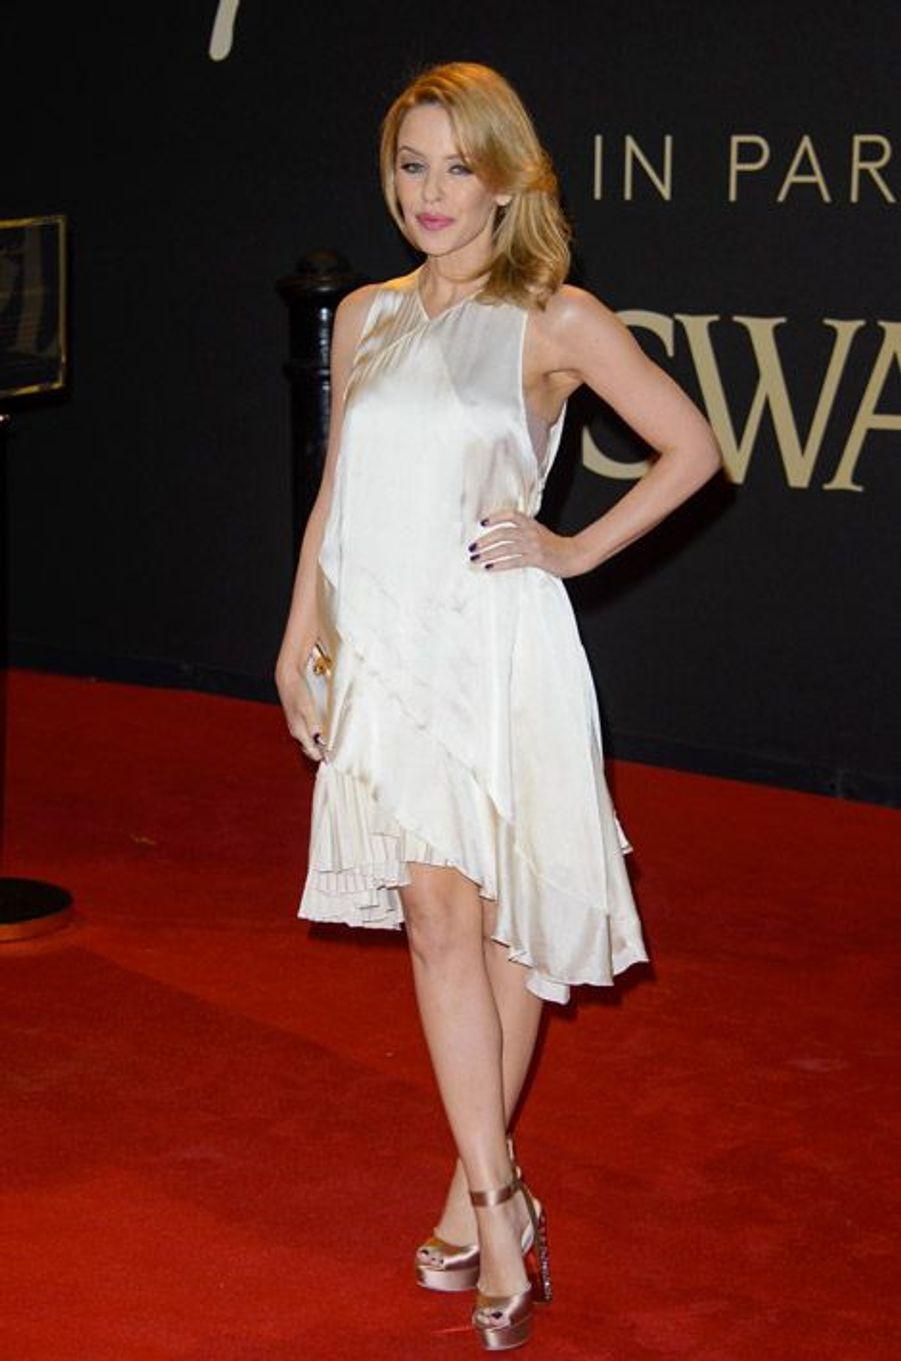 La chanteuse Kylie Minoque en Stella McCartney à la cérémonie des British Fashion Awards, à Londres, le 1er décembre 2014